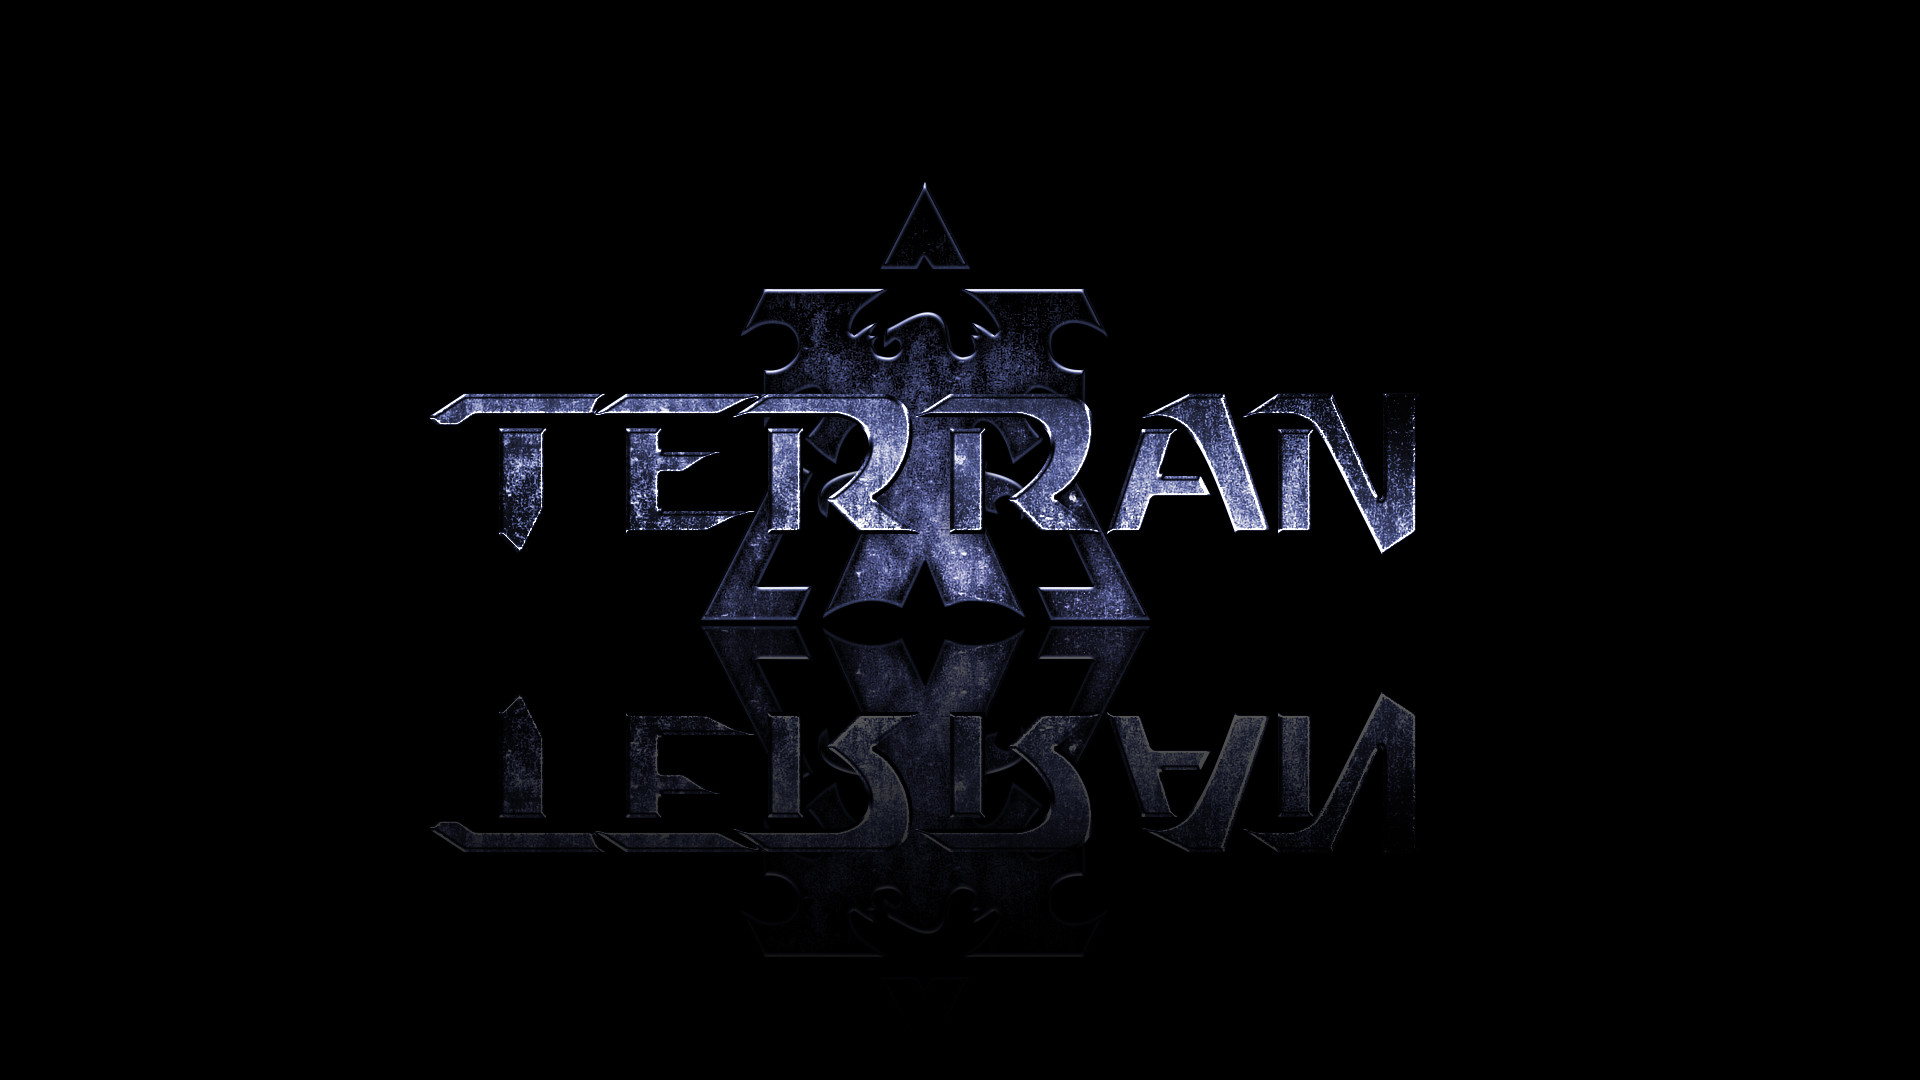 Terran wallpaper 78 images - Starcraft 2 wallpaper art ...